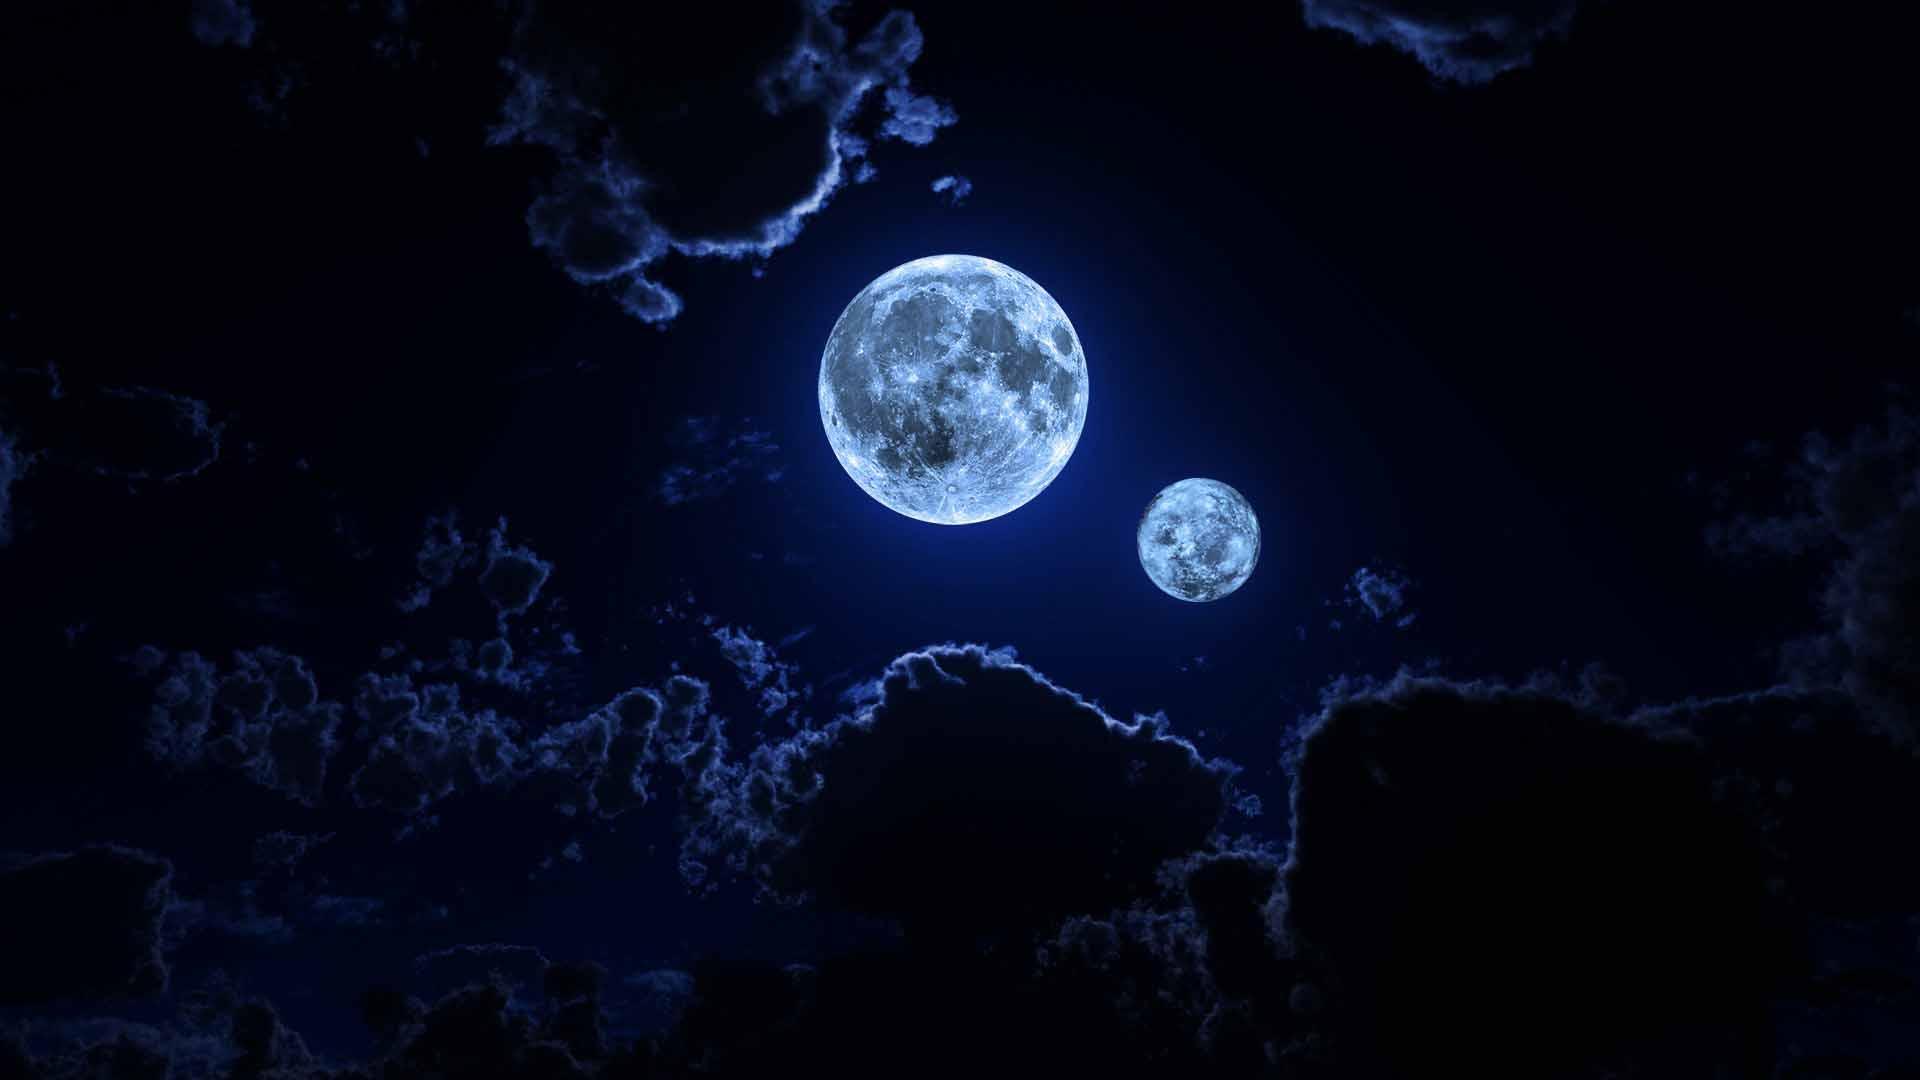 тесное оформление картинки два луны этой